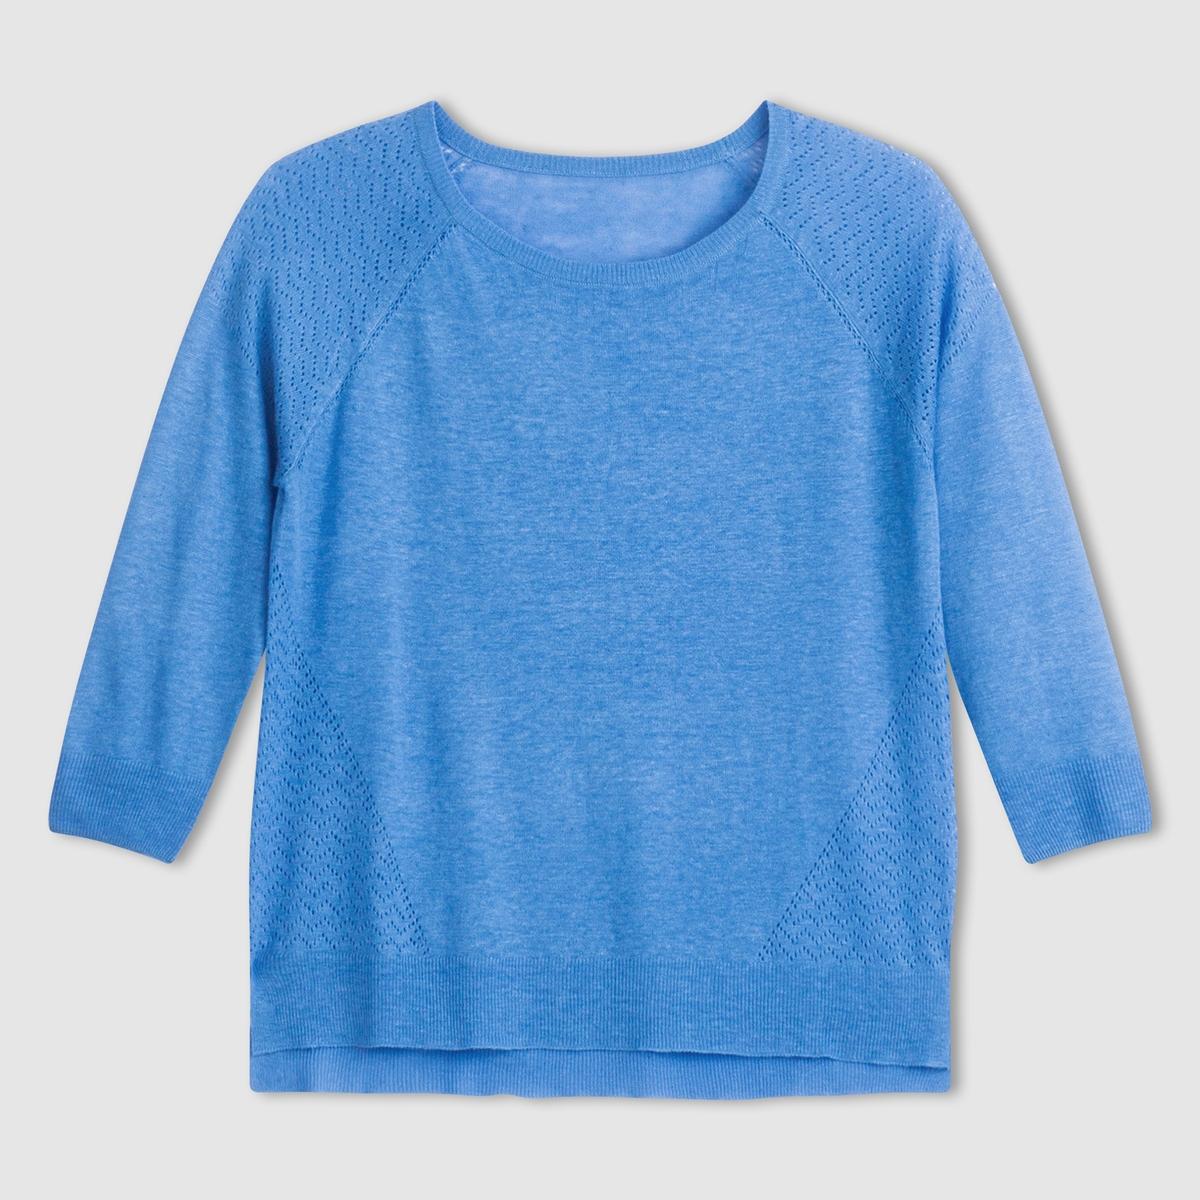 Пуловер из льна и вискозыСвободный покрой. Круглый вырез. Длинные рукава. Края выреза, рукавов и низа связаны в рубчик.Пуловер из тонкого, приятного на ощупь трикотажа, который согреет вас летом. Состав и описаниеМатериал          55% льна, 45% вискозы Длина       63 смУходМашинная стирка при 30 °С в деликатном режиме с вещами схожих цветов<br><br>Цвет: оранжевый,слоновая кость